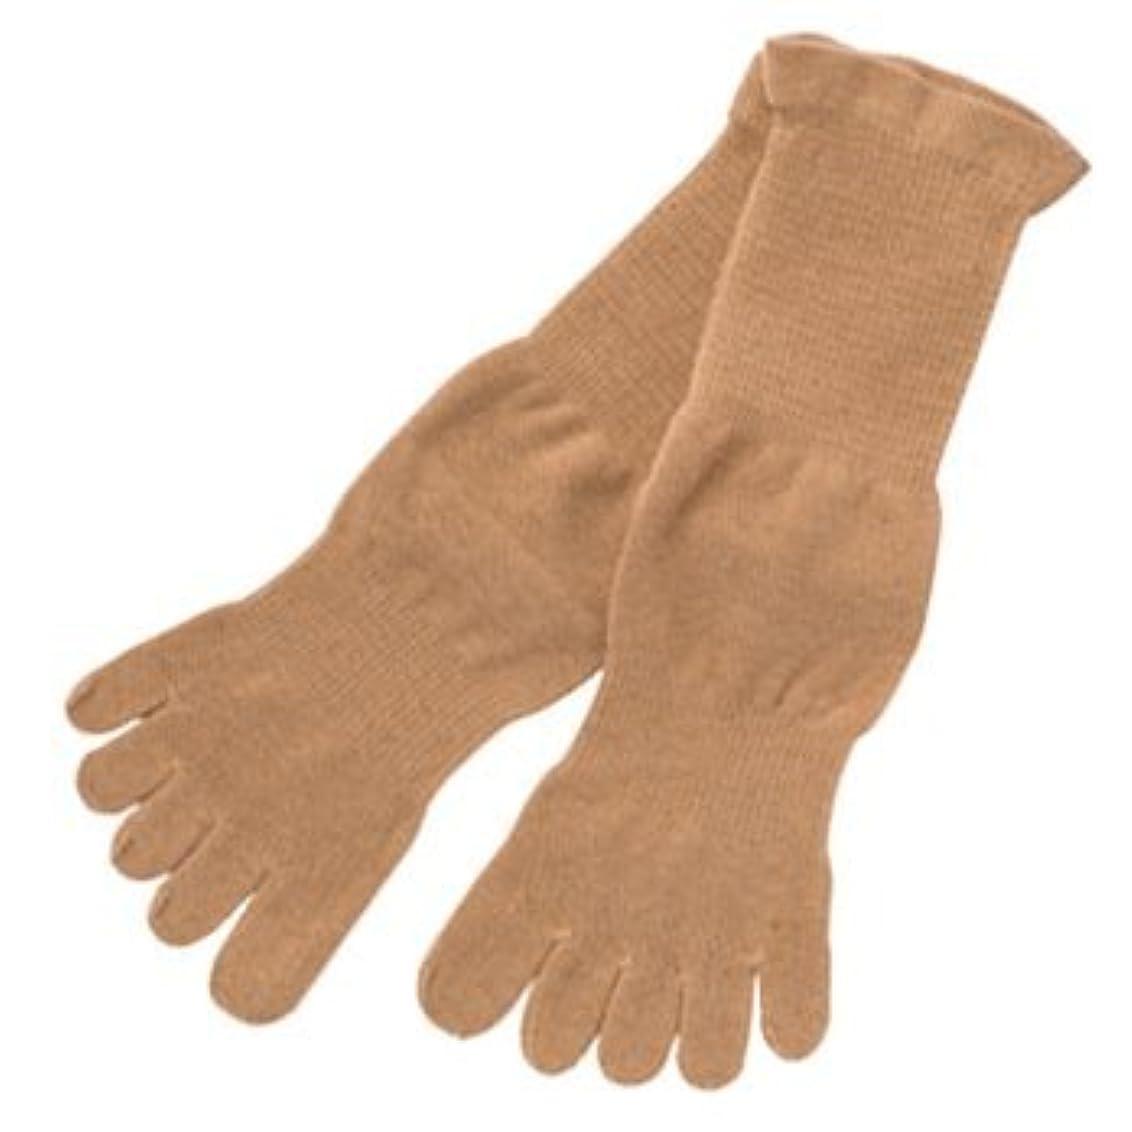 メタルラインブルゴーニュ政府五本指薄手ソックスMブラウン:オーガニックコットン100% 履くだけで足のつぼをマッサージし、健康に良いソックスです!